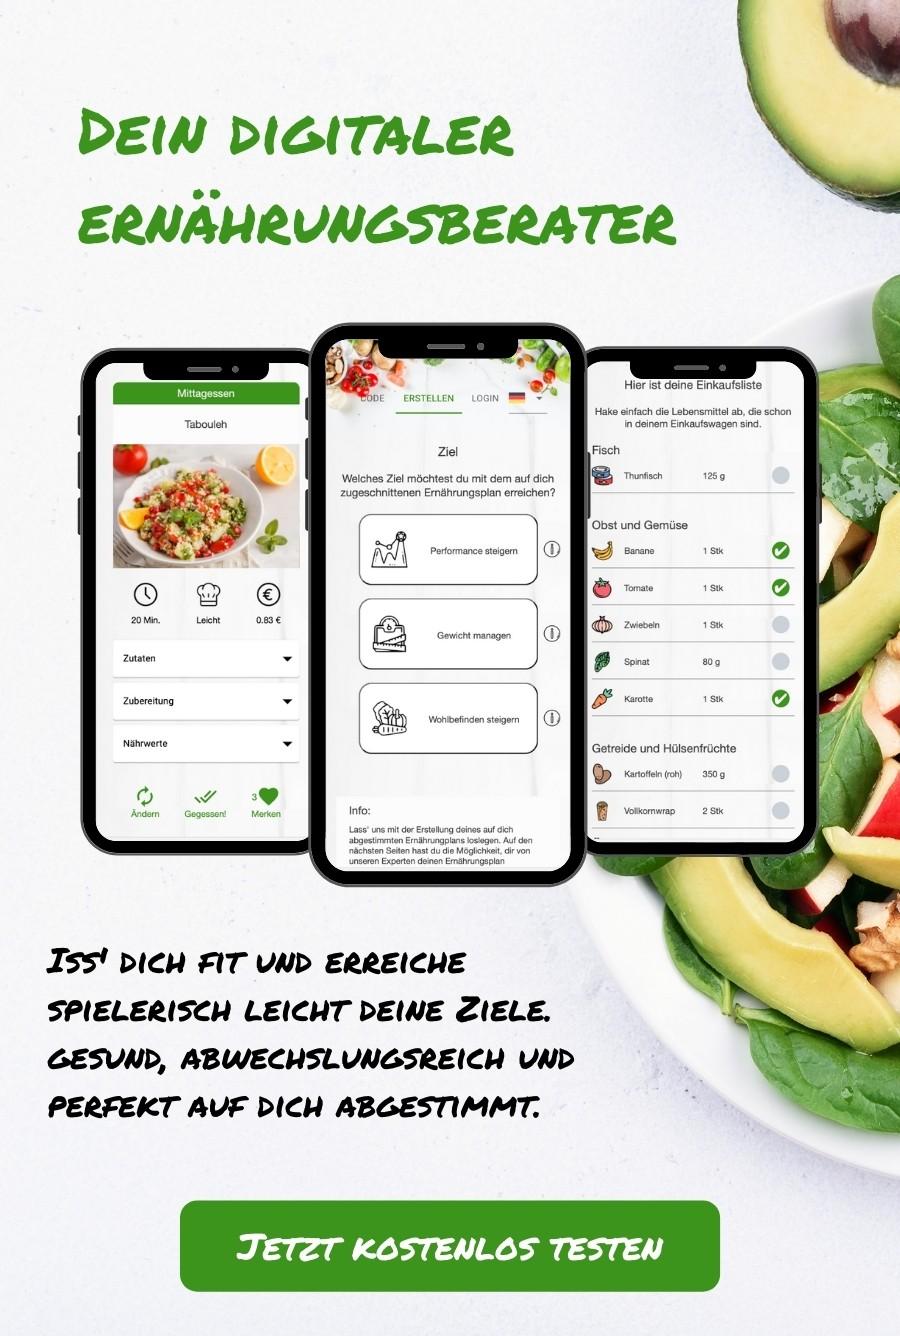 Dein digitaler Ernährungsberater per Ernährungs-App - Ernährungspläne für Muskelaufbau, Abnehmen, gesunde Ernährung erstellen - Ernährungscoach mit gesunden Rezepten